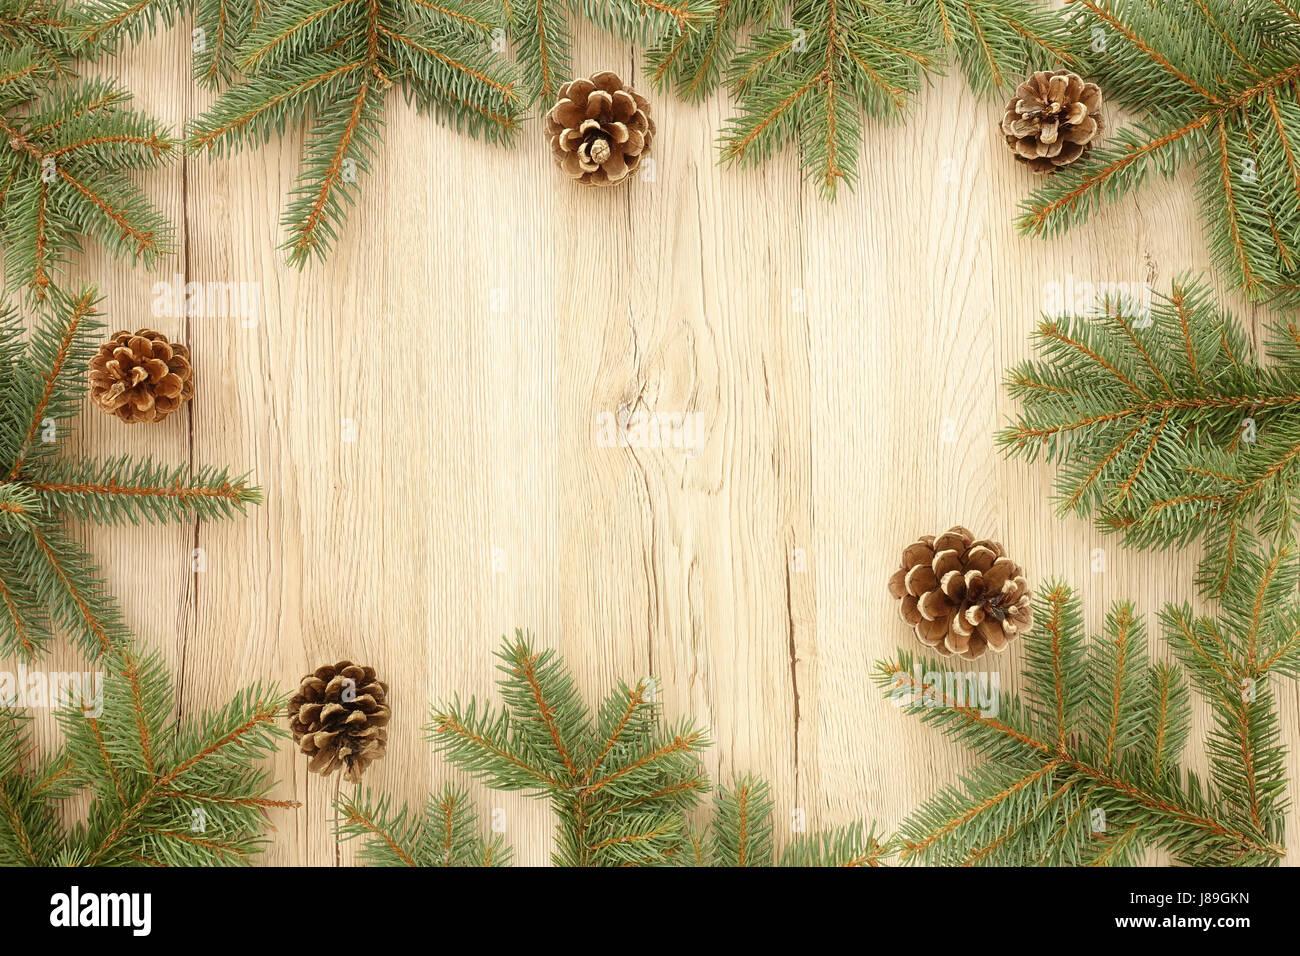 Weihnachten-Rahmen aus Tanne Baum Zweige und Tannenzapfen auf ...